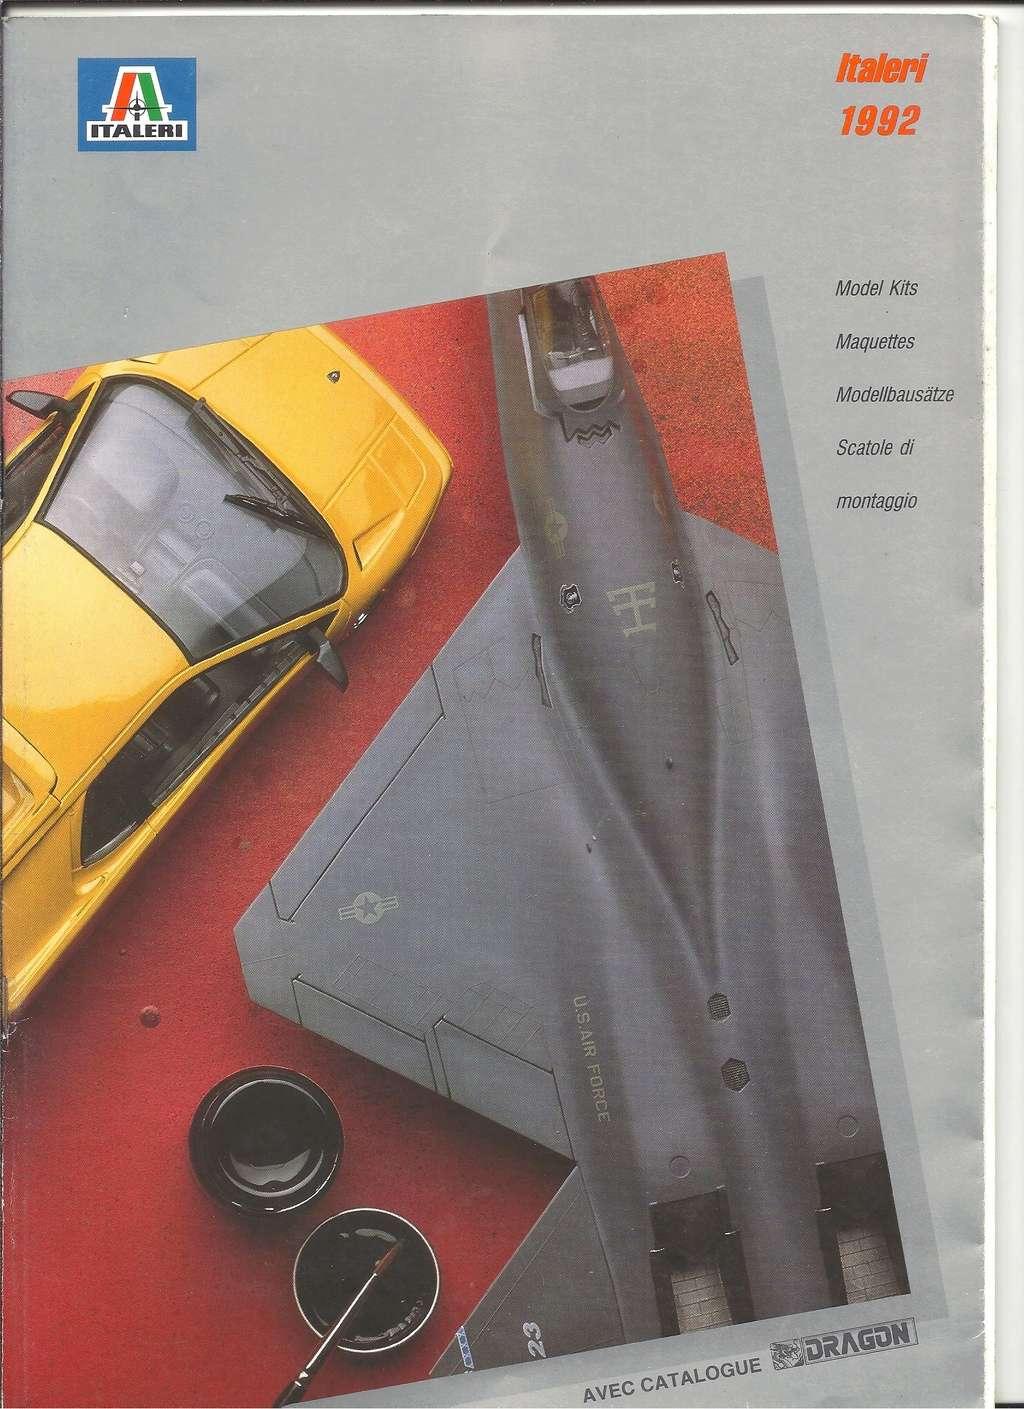 Comparatif DASSAULT MIRAGE 2000 C & N HELLER / ITALERI 1/72ème  Itale282